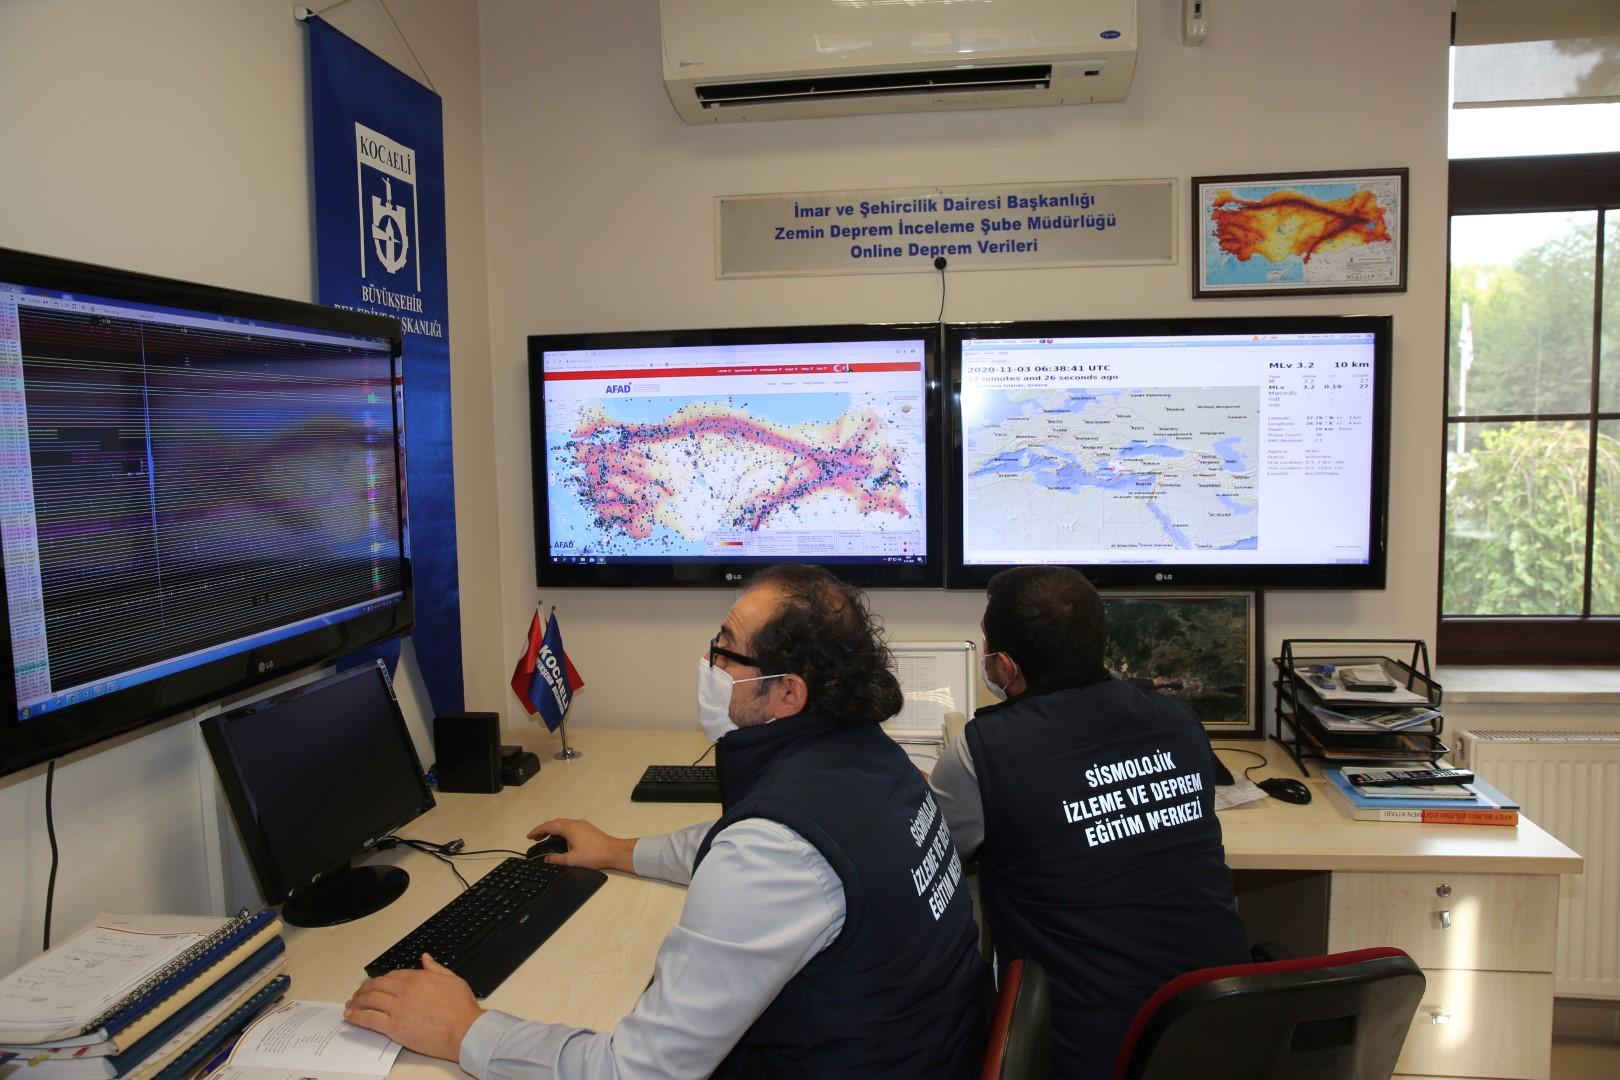 Deprem gerçeği hususunda, Büyükşehir- AFAD-GTÜ İşbirliği